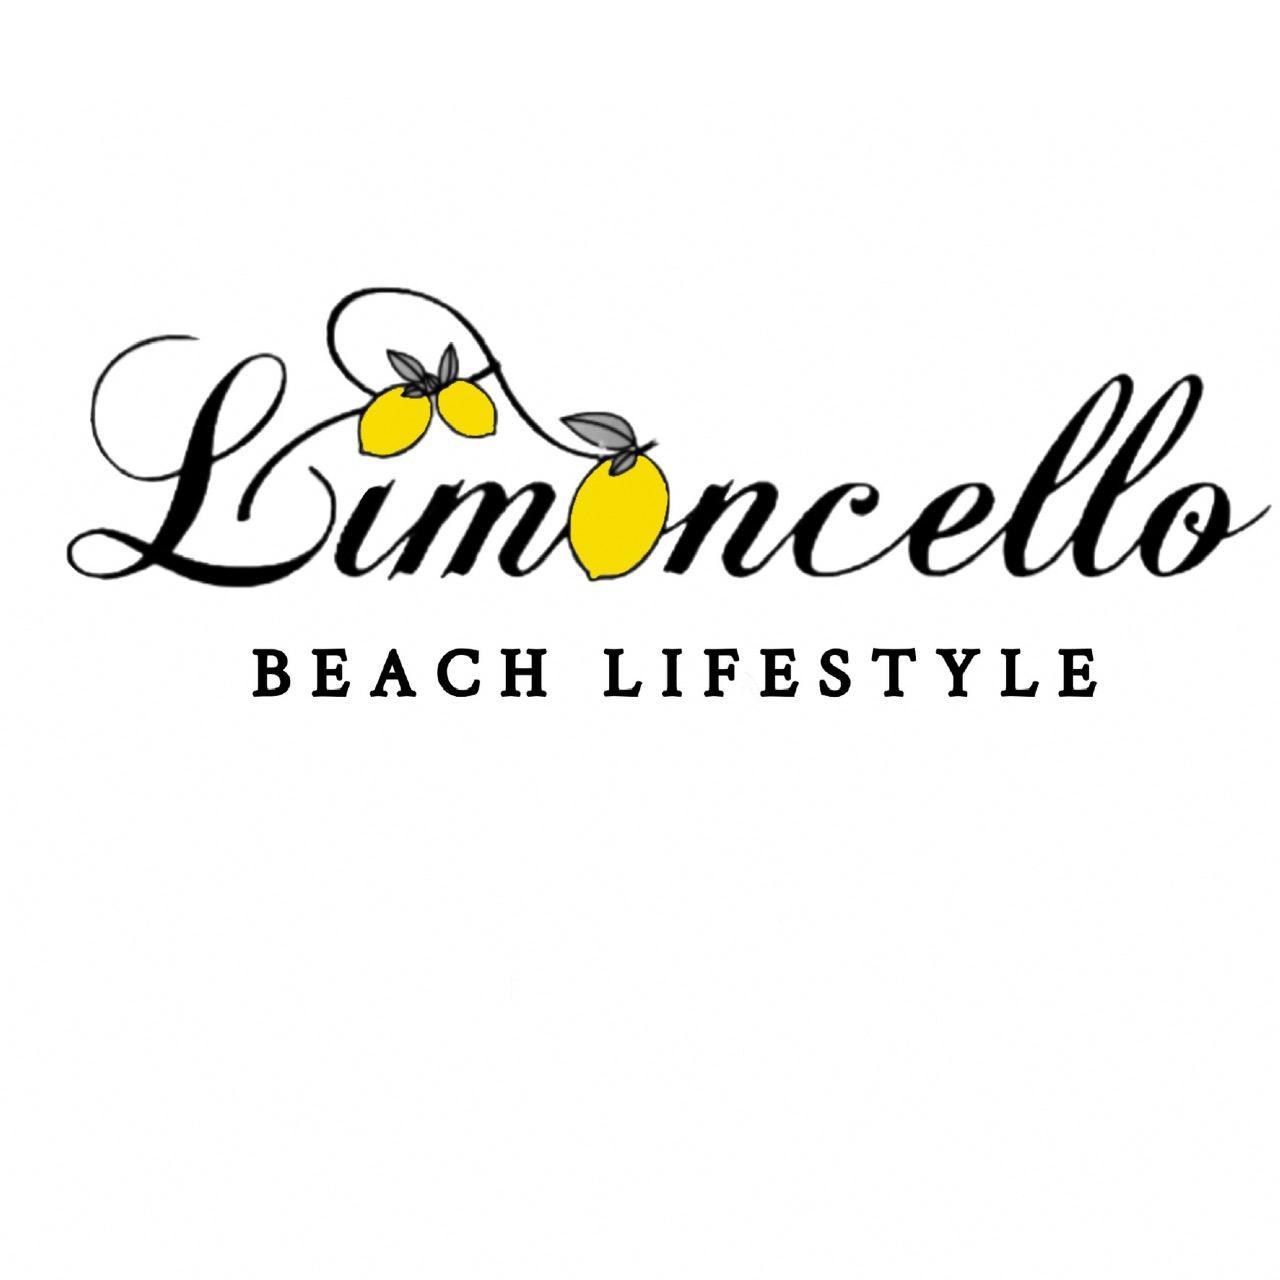 לימונצ'לו לוגו